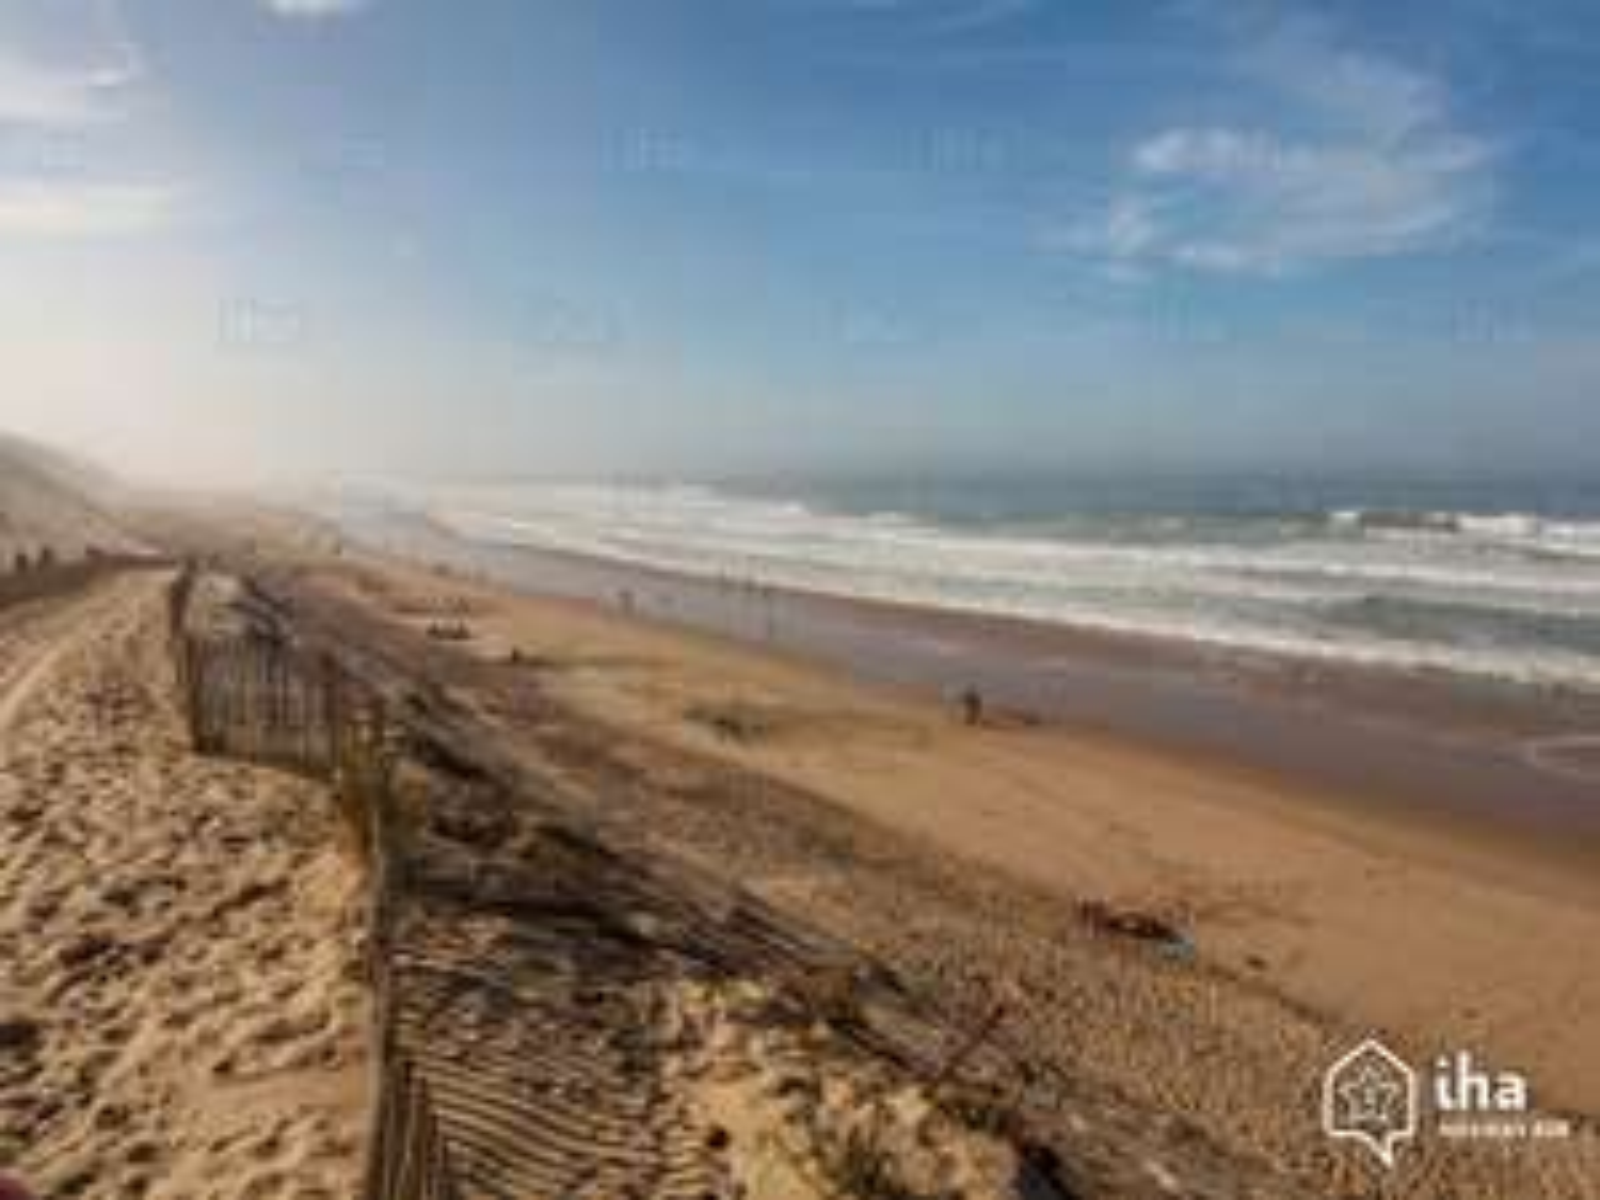 Aller-retour gratuit à la plage en bus le lundi pendant tout l'été - Mondeville (14)